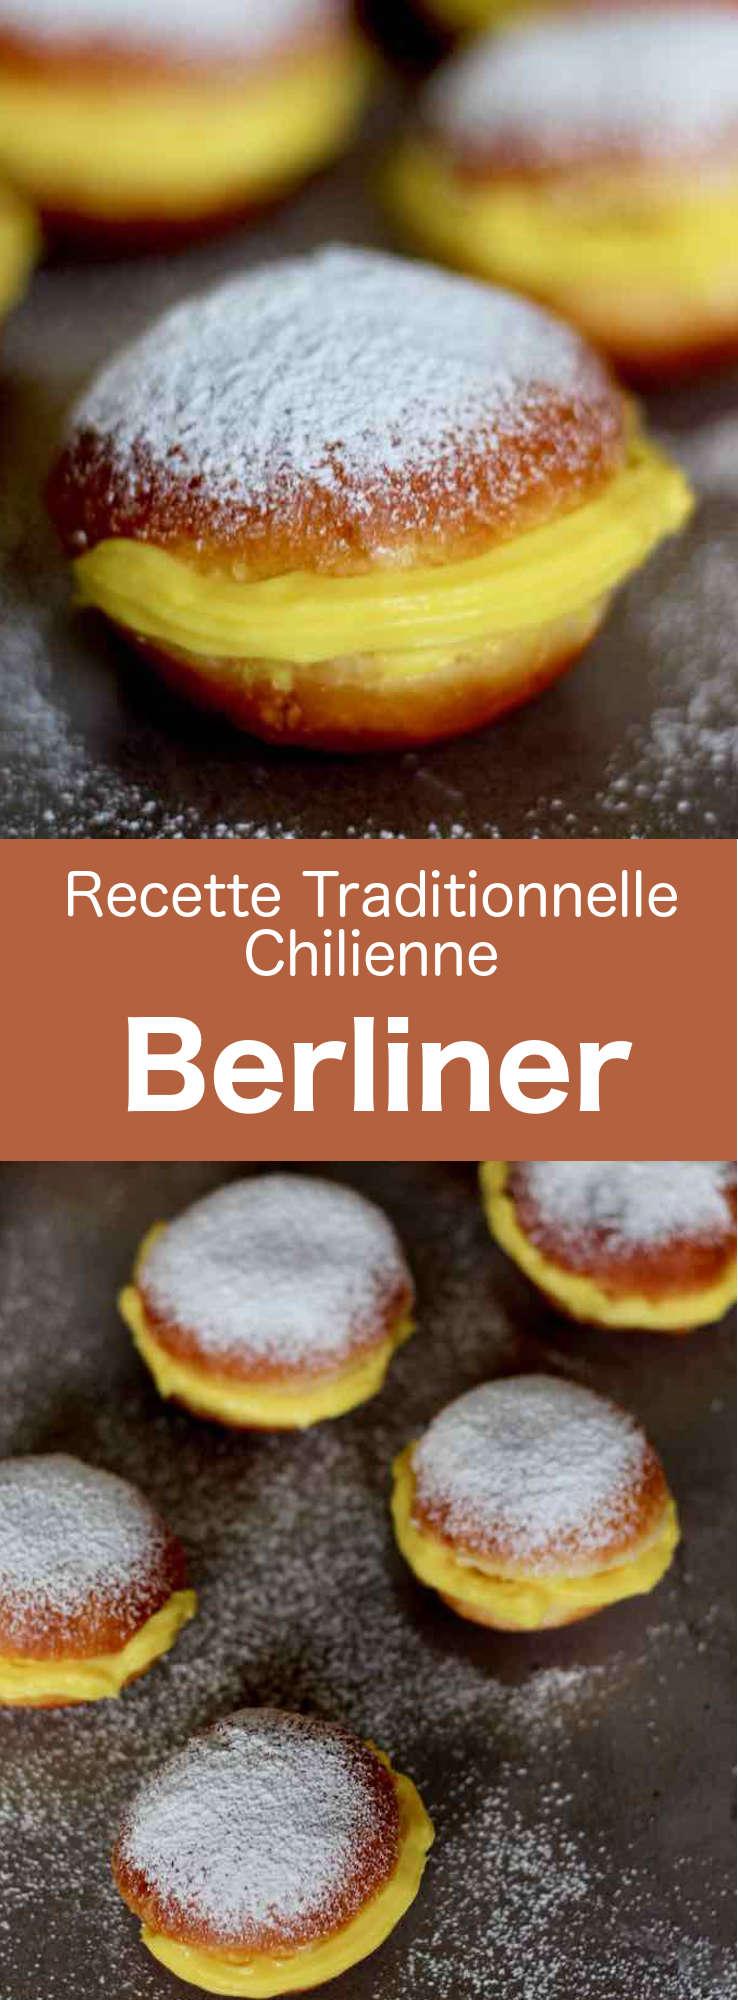 Les boules de Berlin (berliner) sont des beignets d'origine austro-allemande fourrés de crème pâtissière, très populaires au Chili et en Amérique latine. #Chili #RecetteChilienne #CuisineChilienne #CuisineDuMonde #196flavors